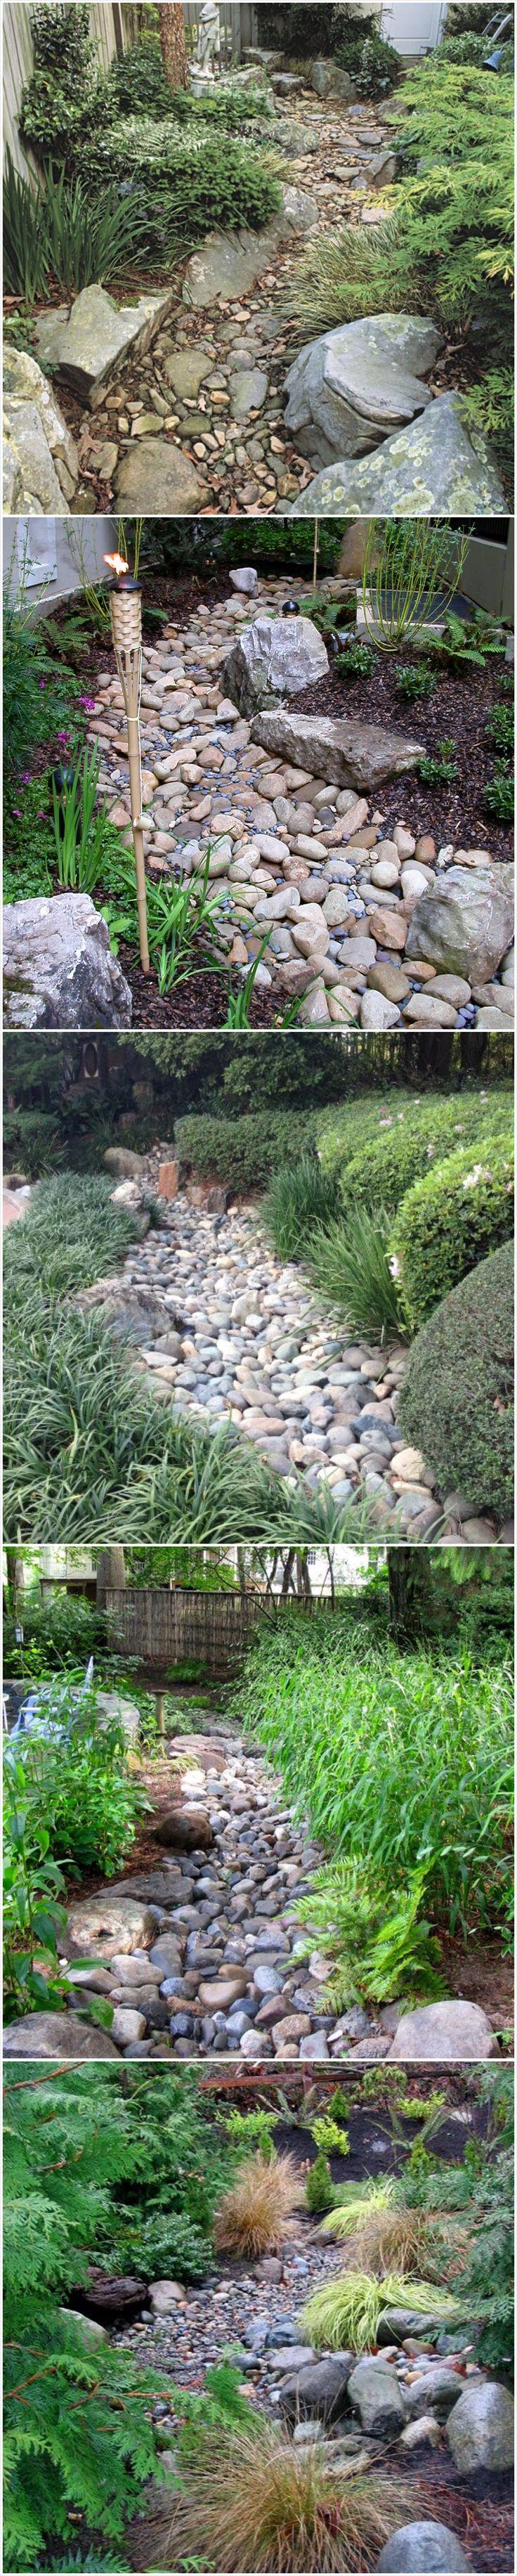 Dry creek garden